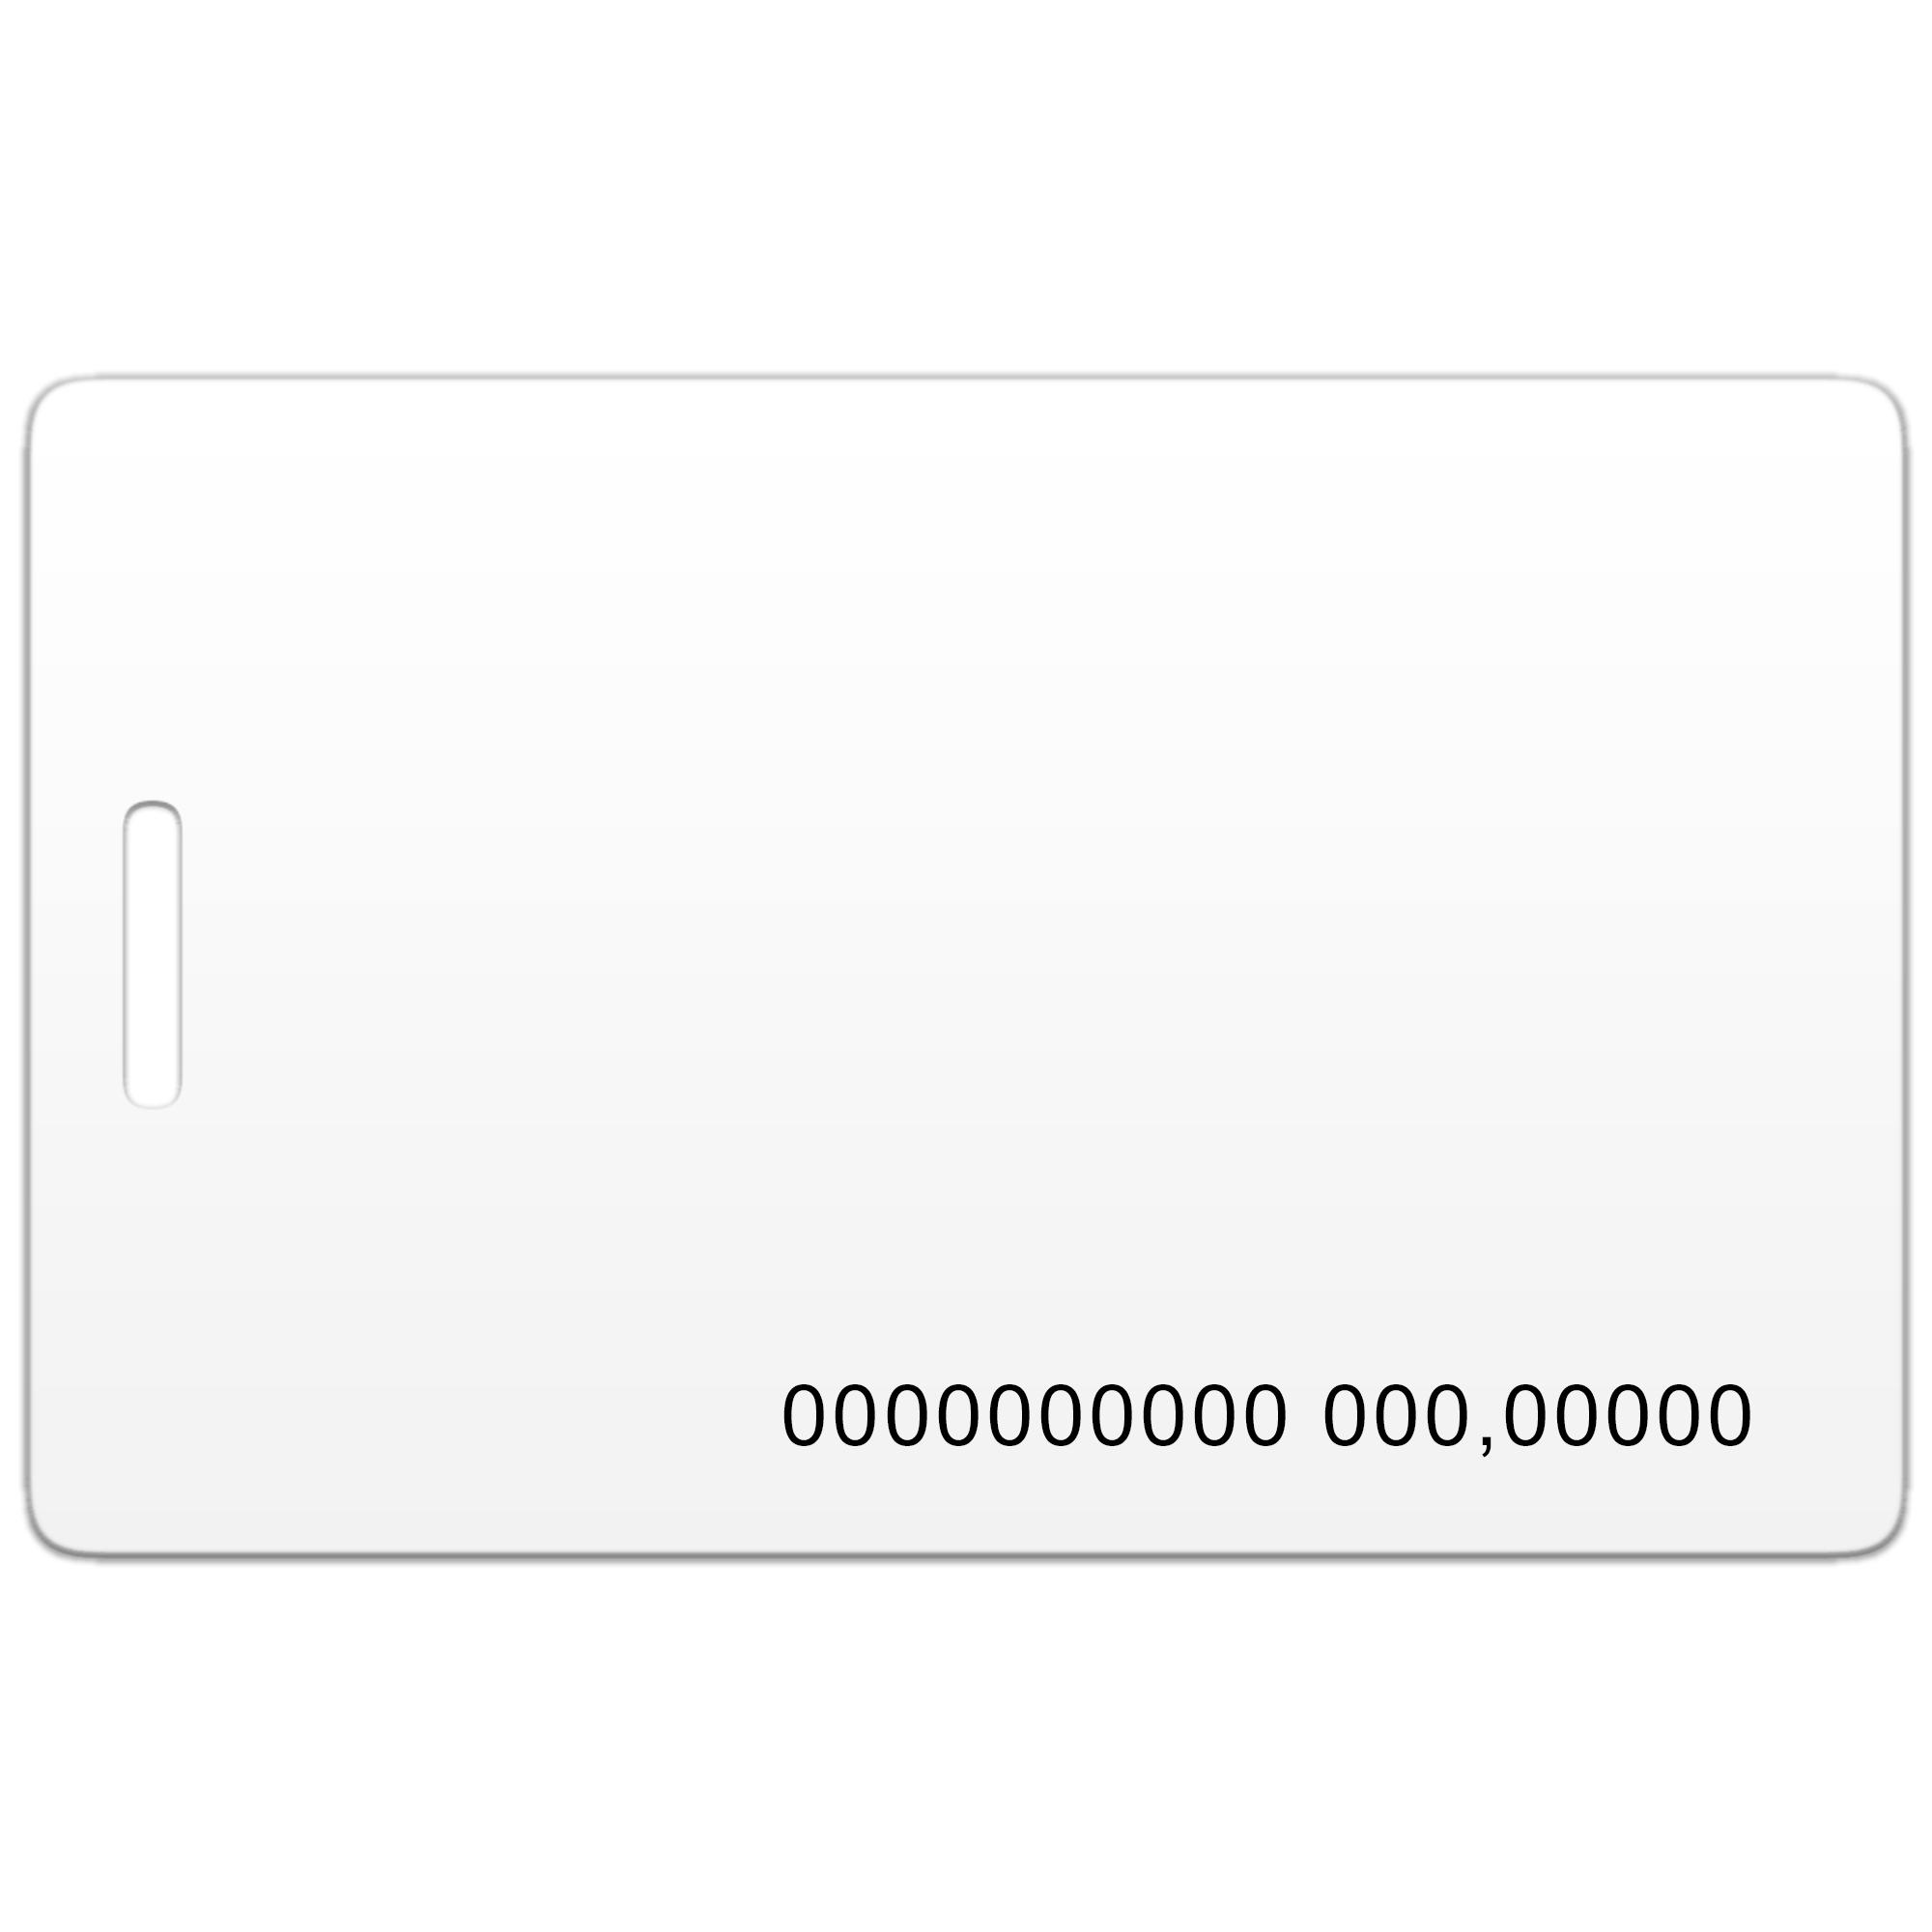 Бесконтактная пластиковая RFID-карта с чипом Em-Marine с номером и с прорезью